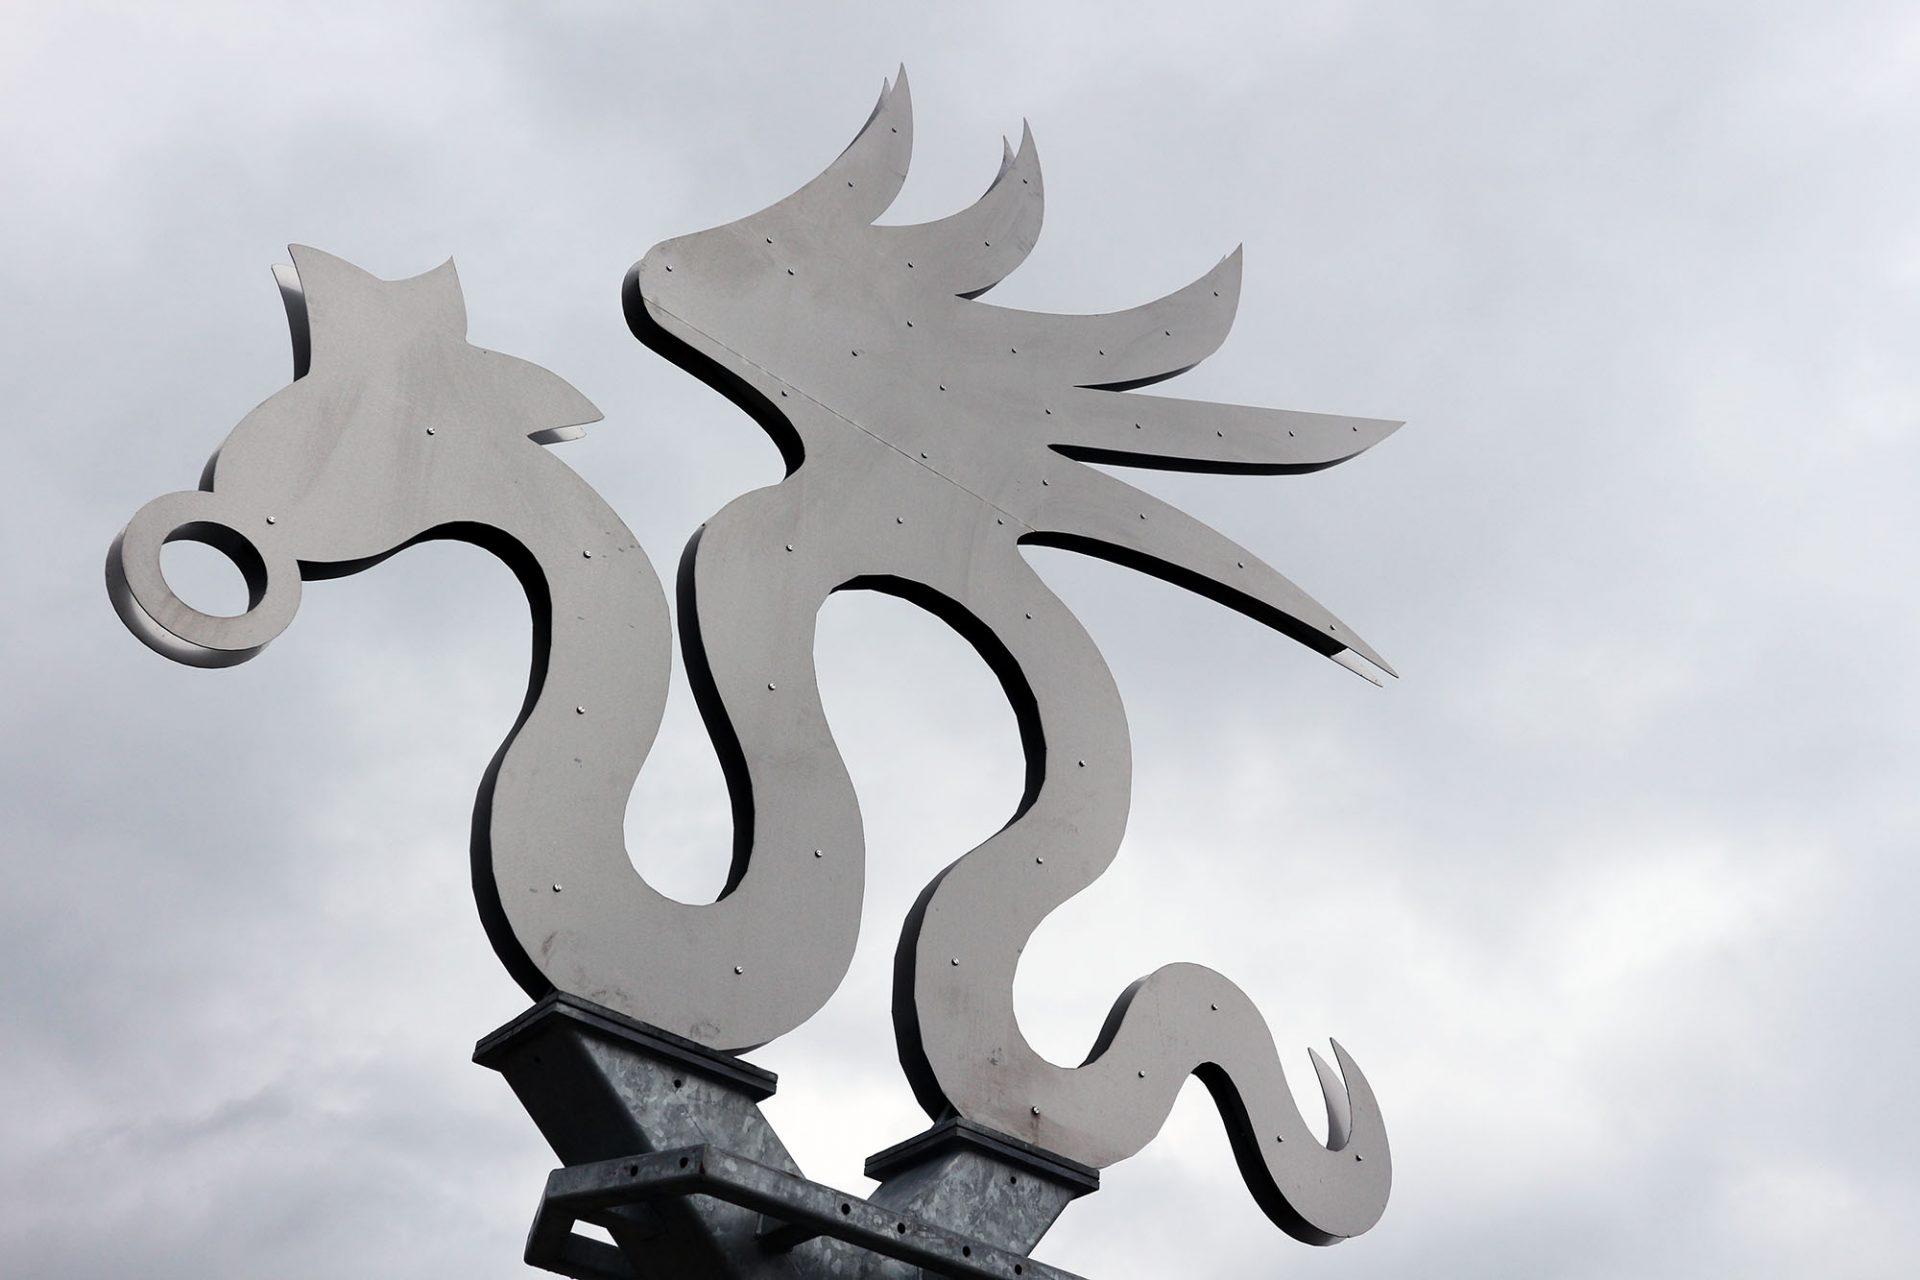 """Geflügelte Schlange. 2015 zelebrierte die Lutherstadt gemeinsam mit Dessau und Wörlitz die Landesausstellung """"Cranach der Jüngere"""" anlässlich seines 500 Geburtstags. Sein mythisch-märchenhaftes Wappentier stand Pate."""